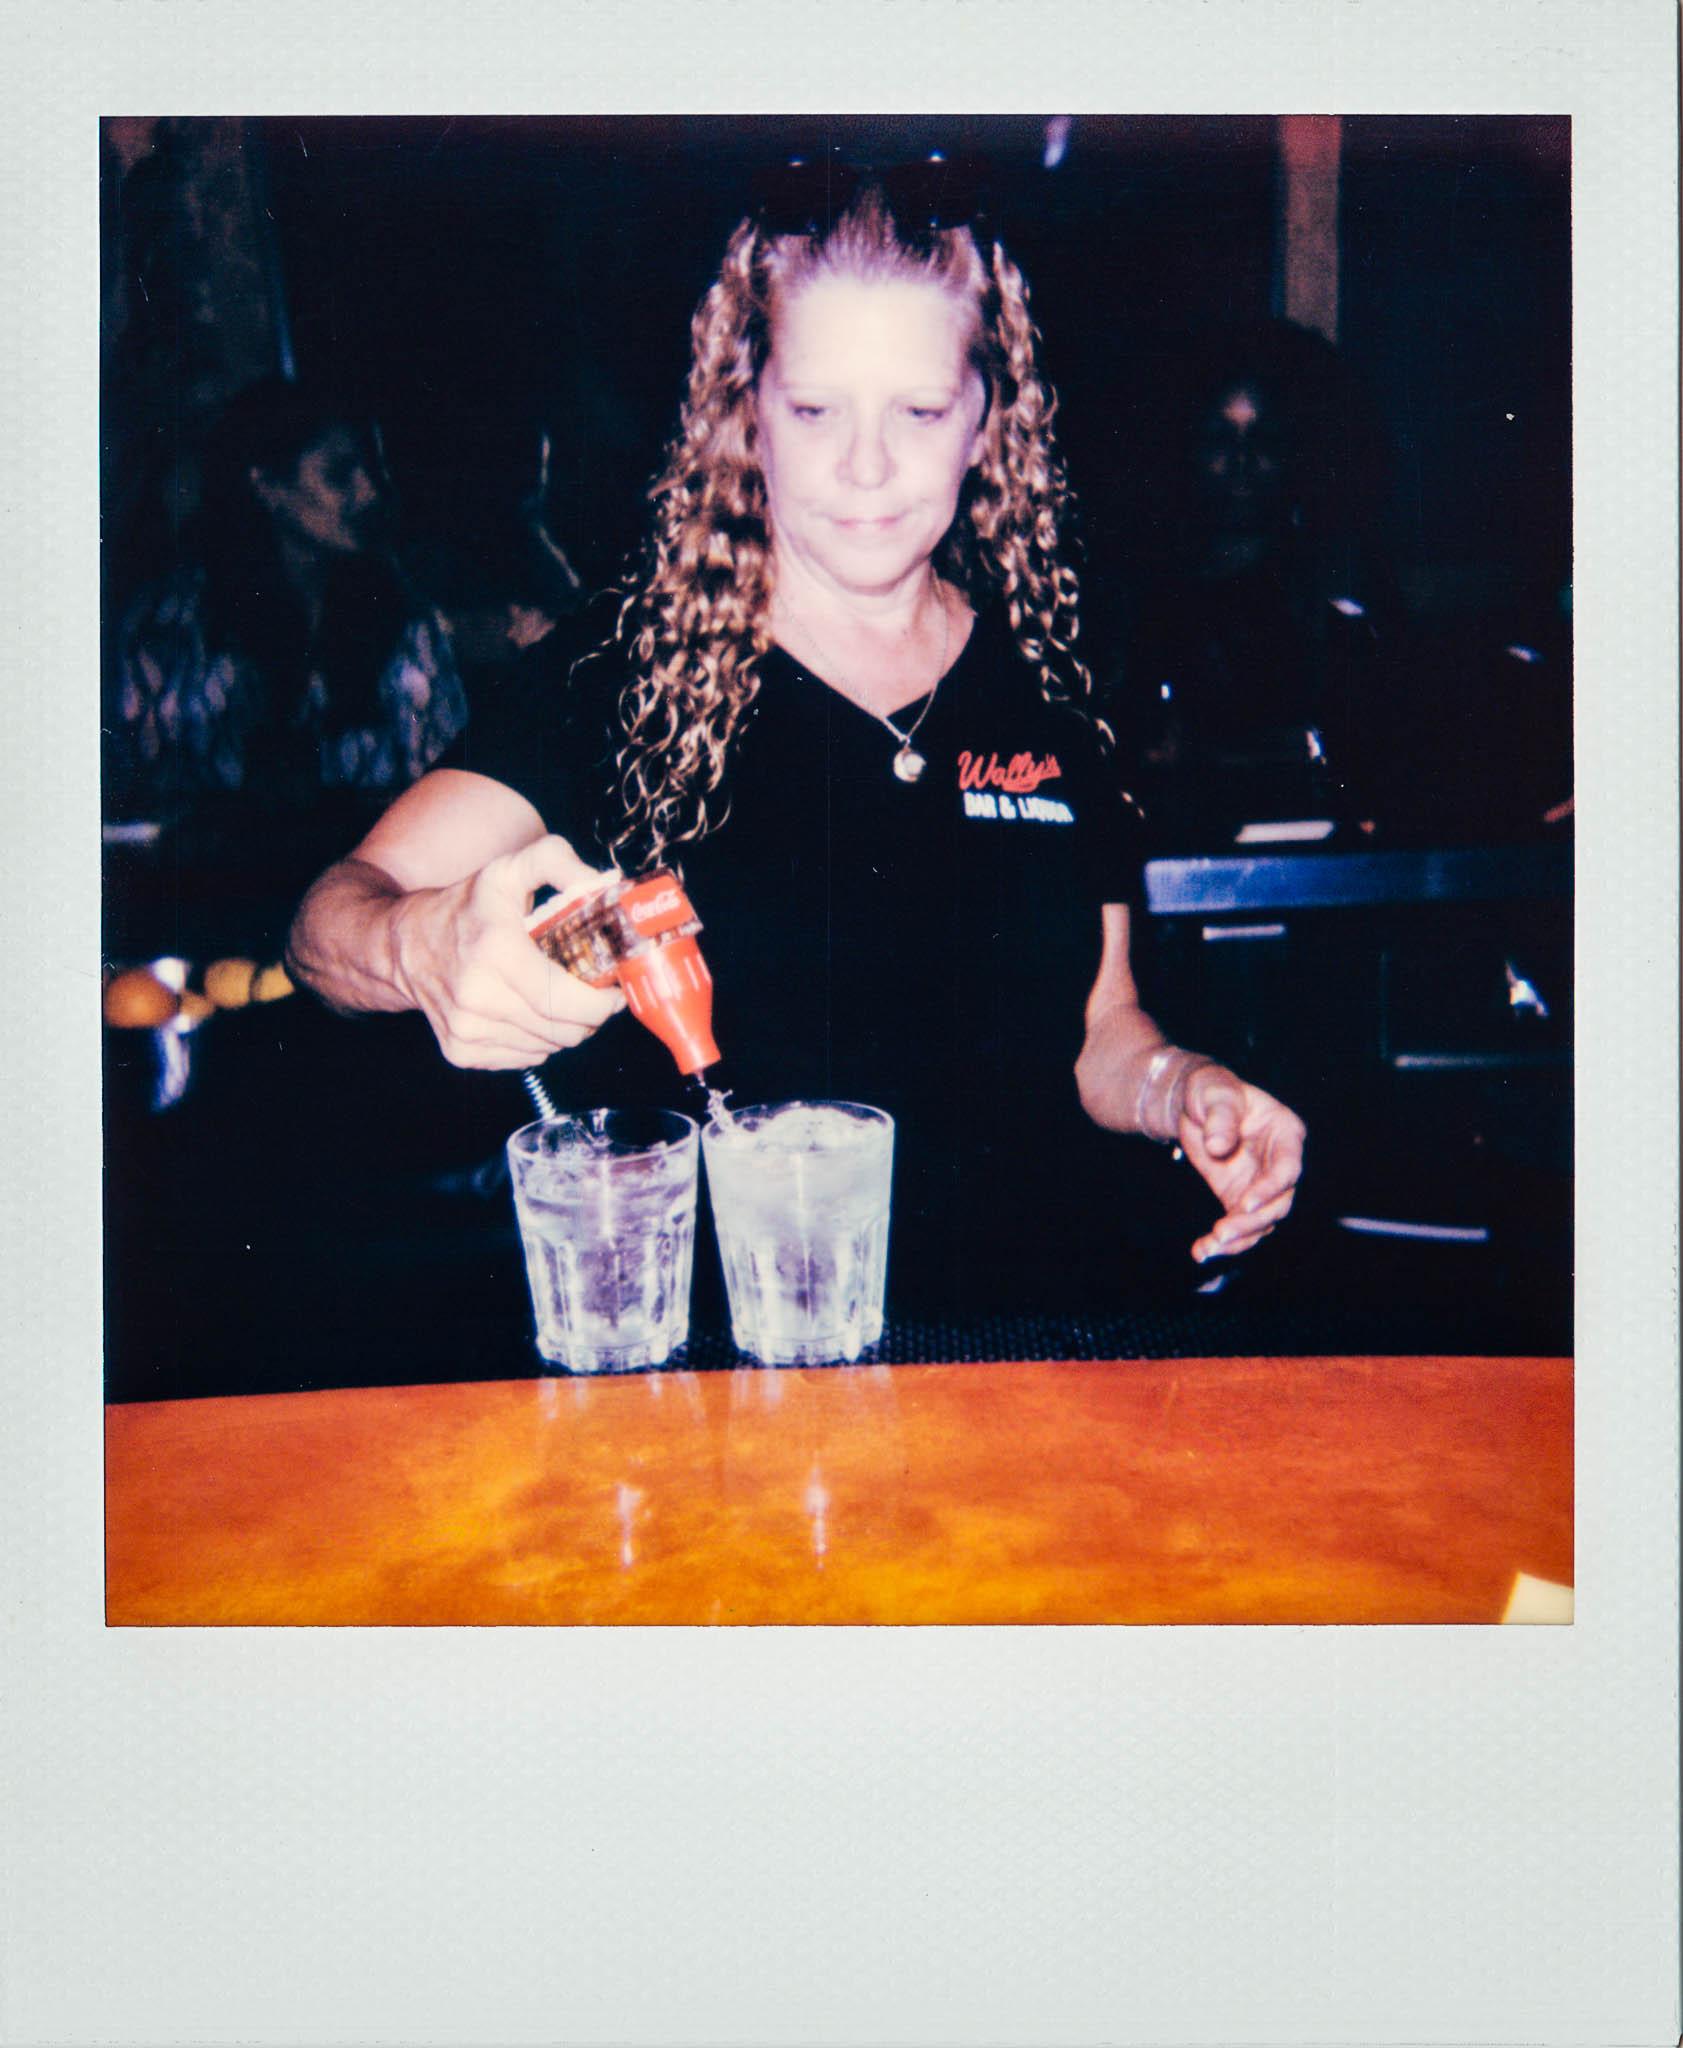 Bartender-wallys-mills-polaroid.jpg